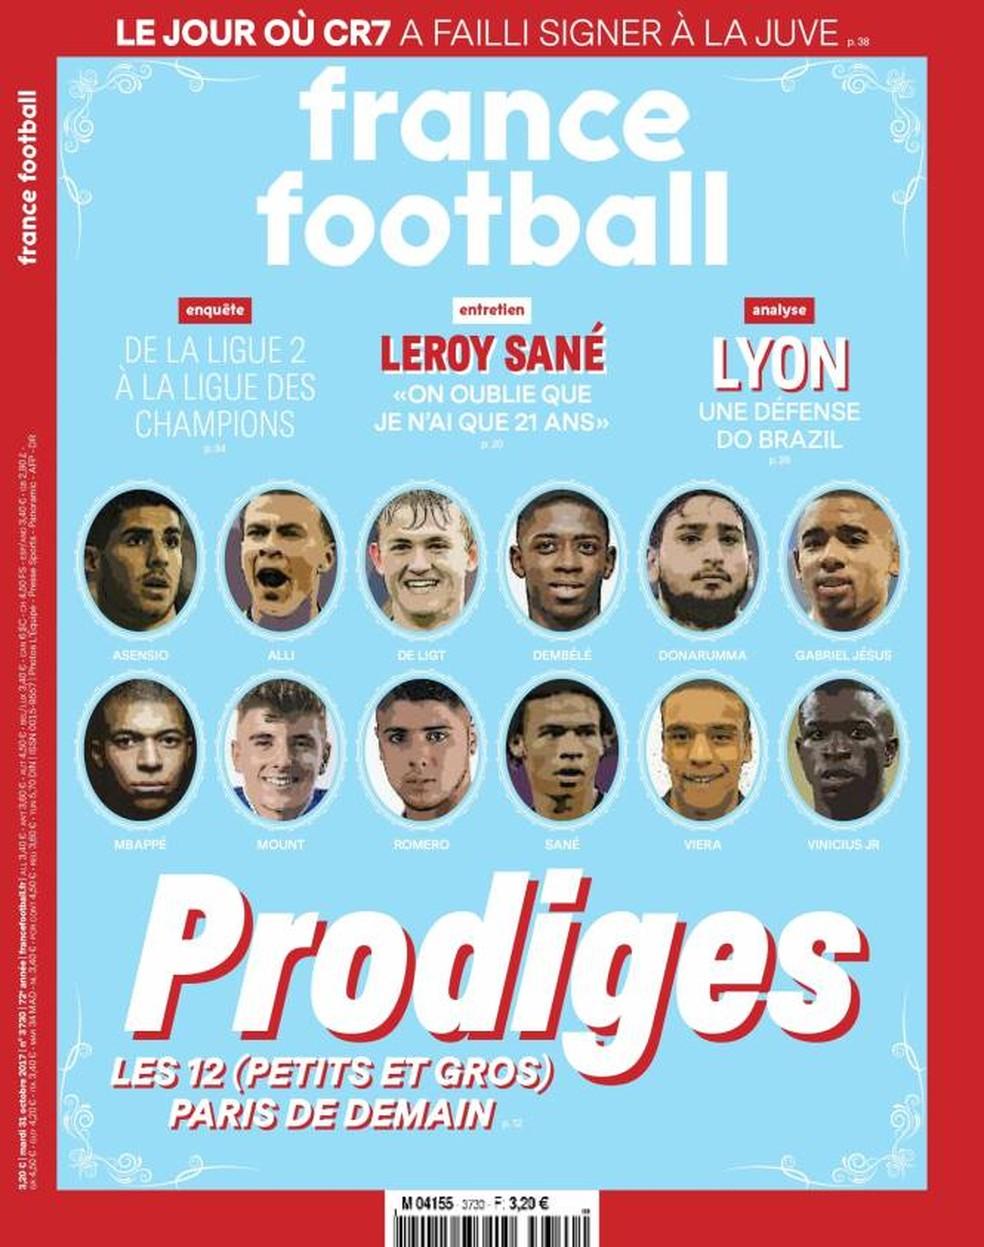 Capa da France Football com Gabriel Jesus e Vinicius Júnior entre 12 prodígios do futebol (Foto: Reprodução)